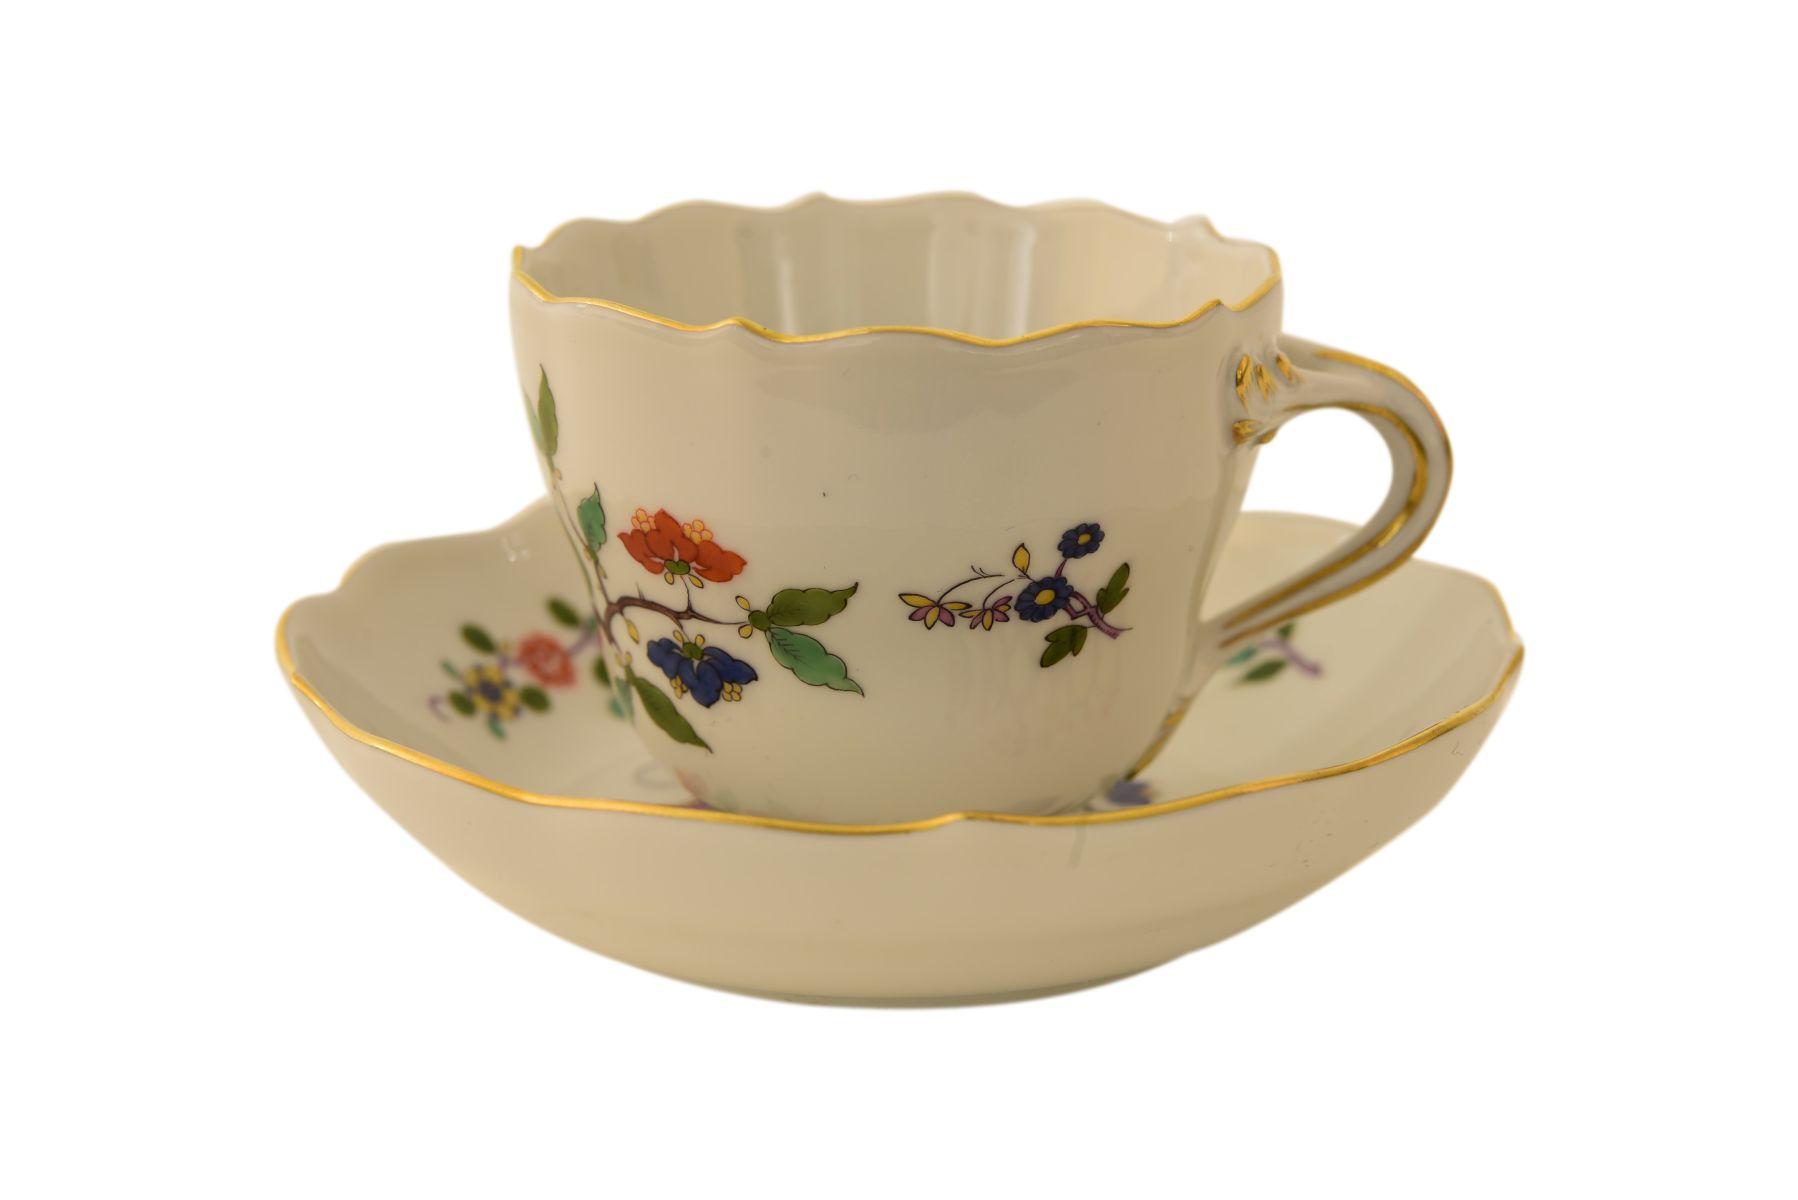 #114 Tea cup with lower bowl Meissen | Teetasse mit Unterschale Meissen Image